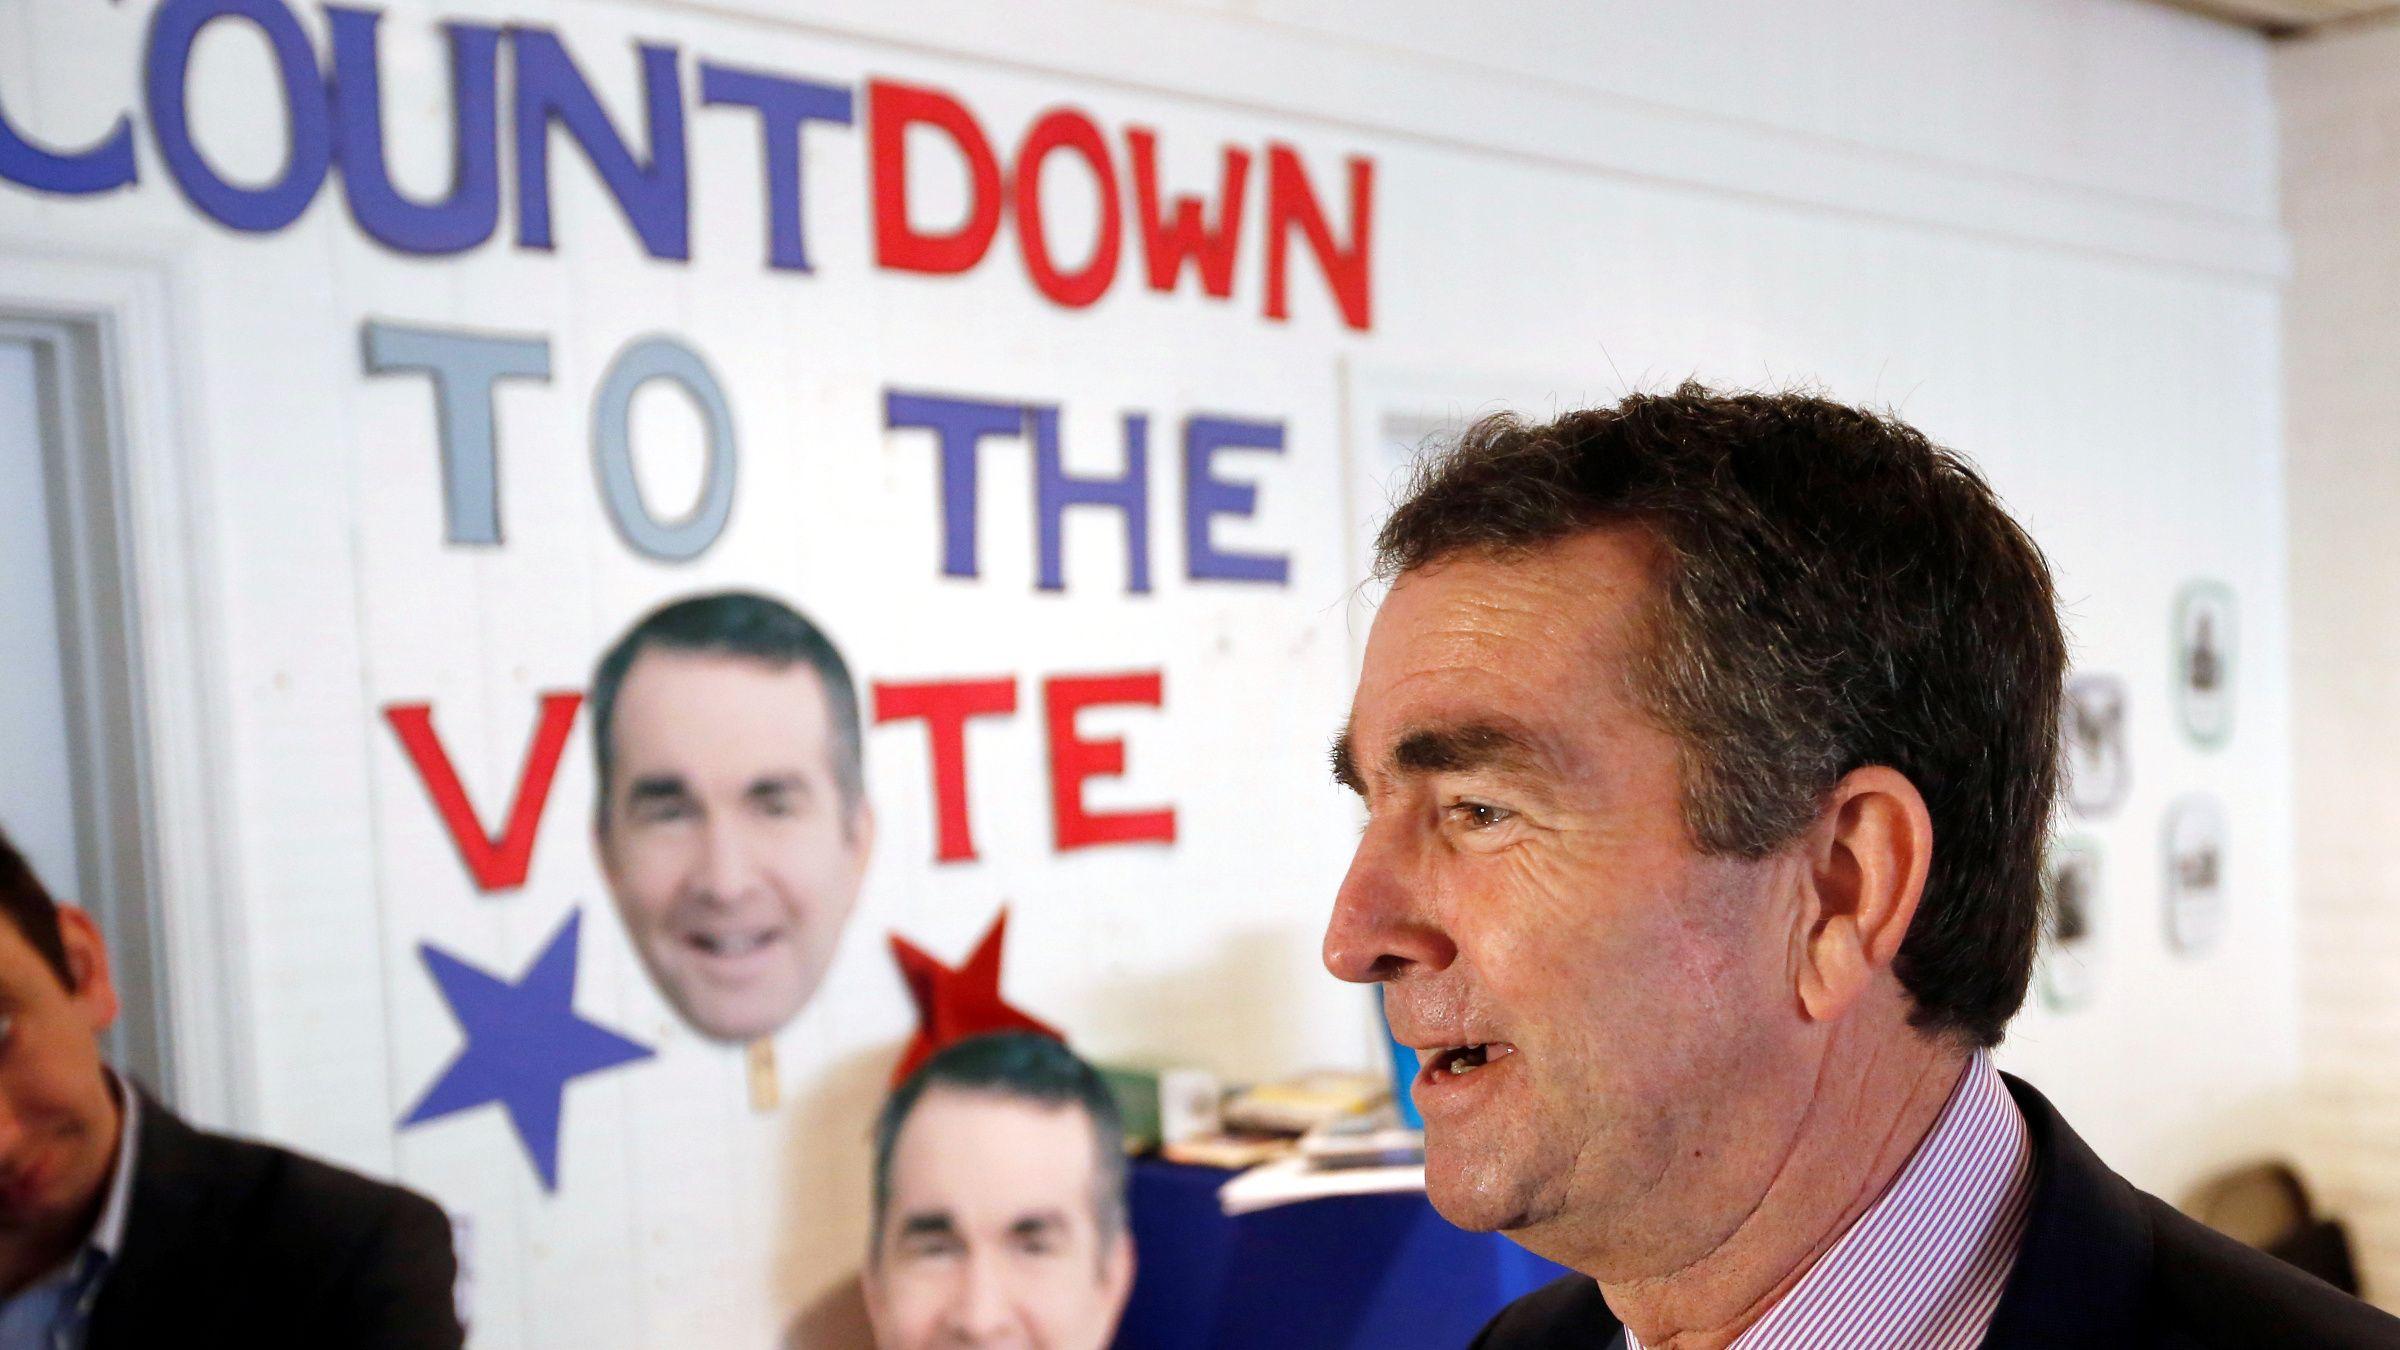 the-vision-partito-democratico-northam